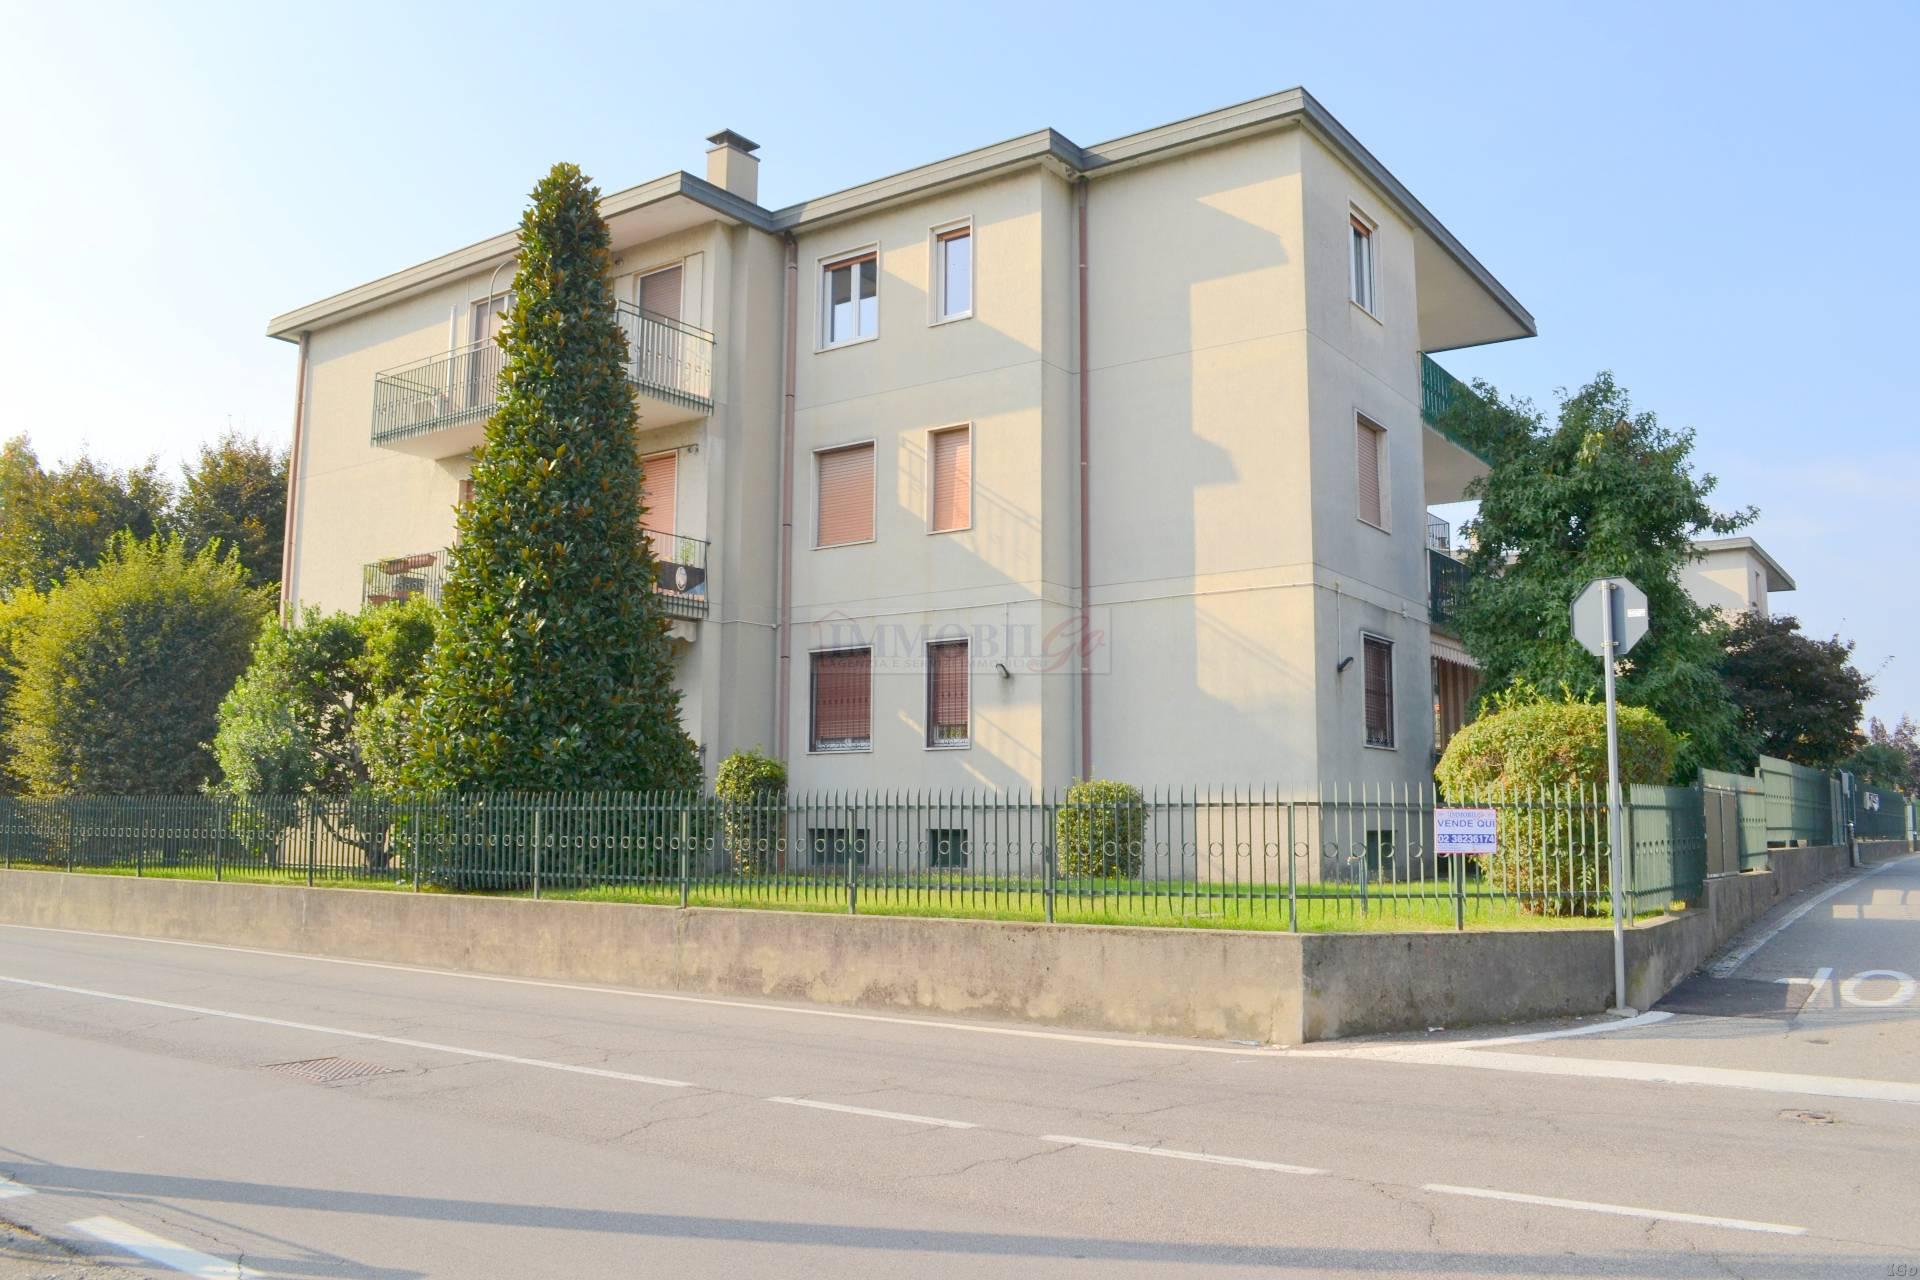 Appartamento in vendita a Brembate, 3 locali, prezzo € 75.000 | CambioCasa.it